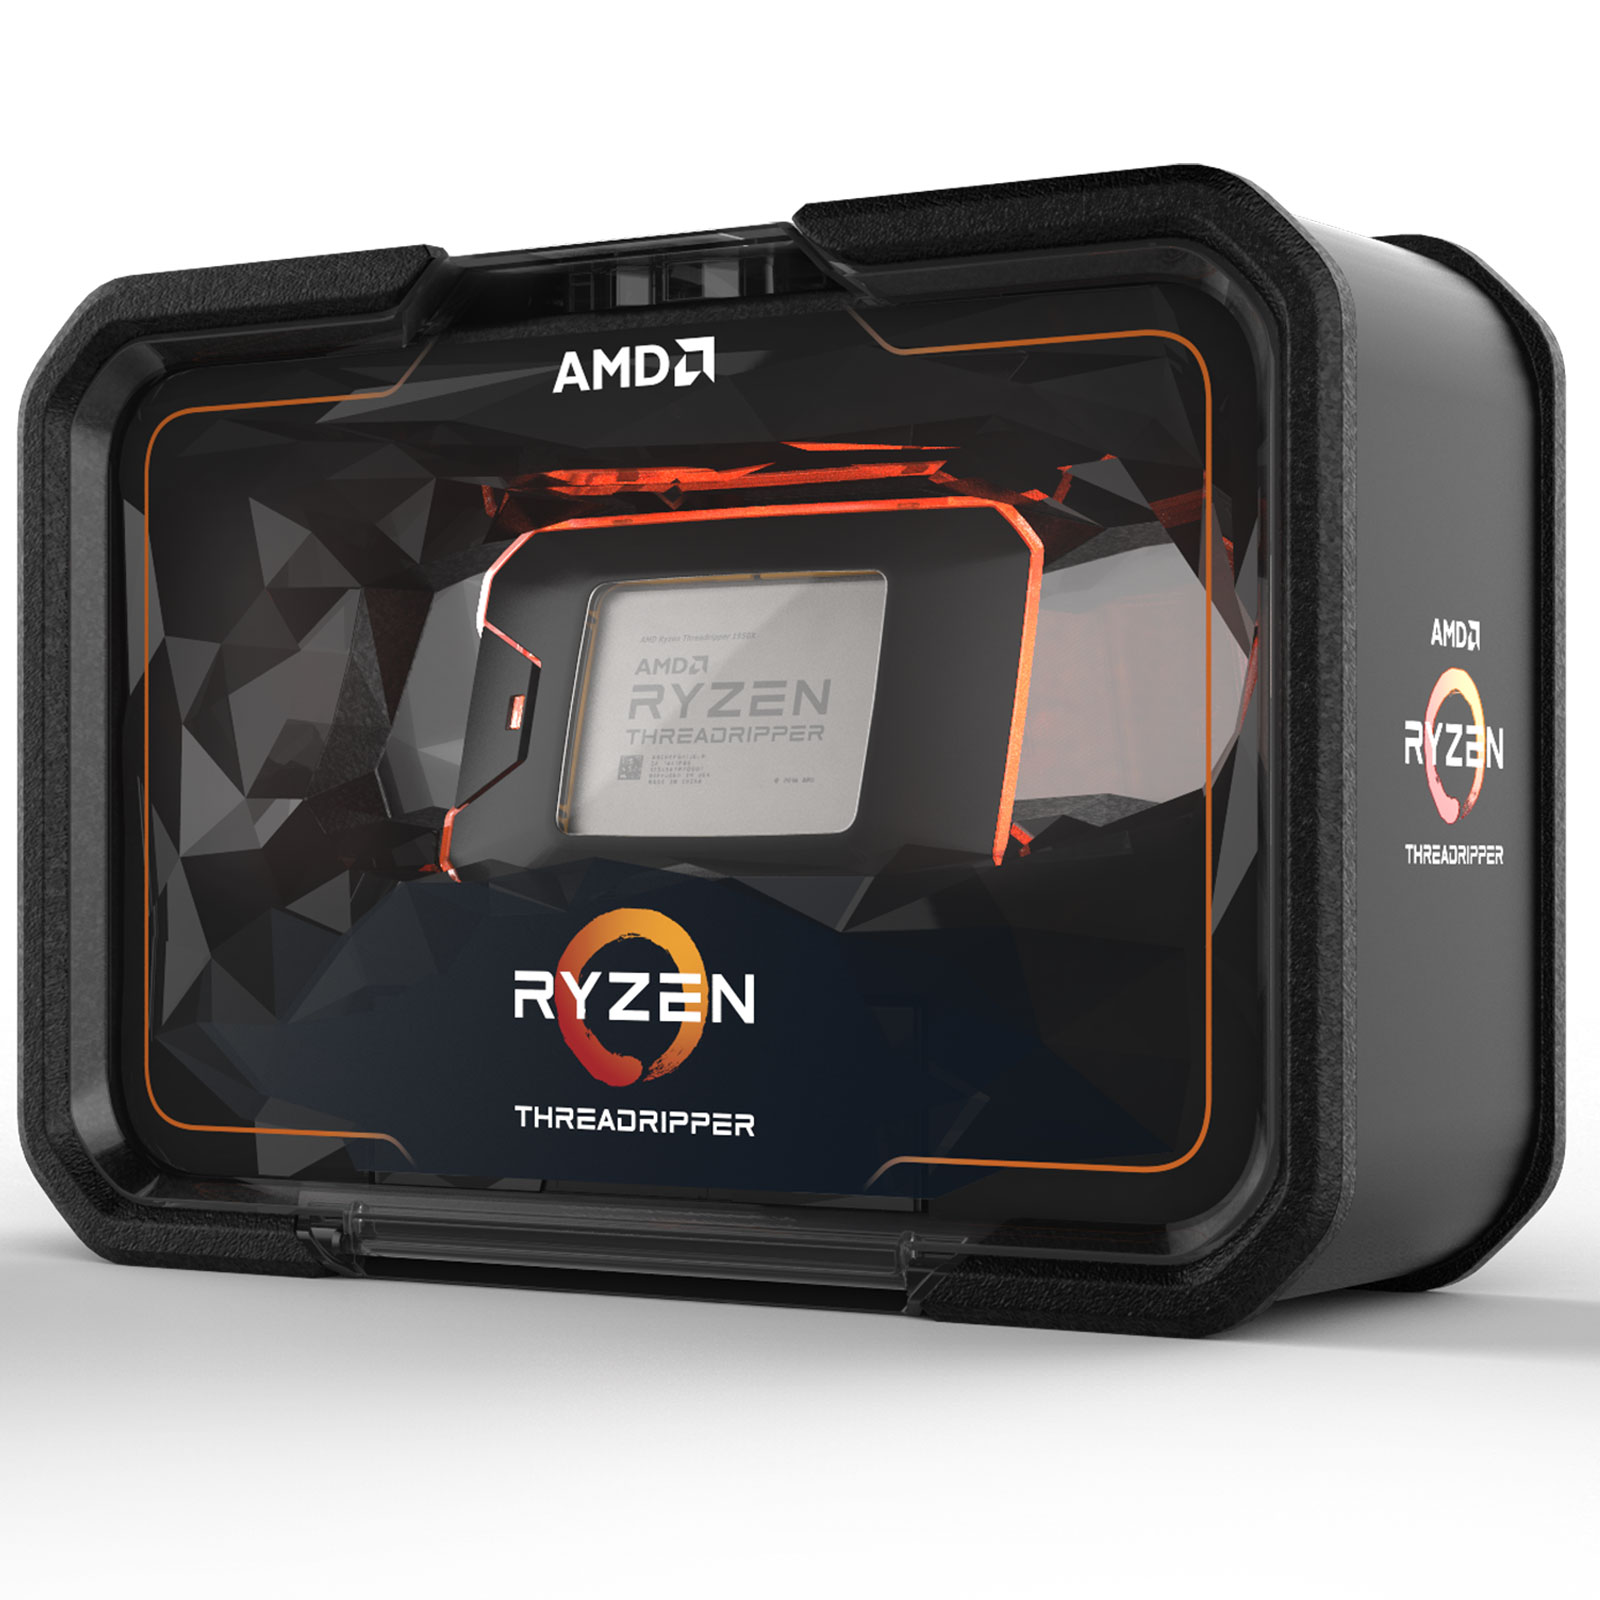 Processeur AMD Ryzen Threadripper 2950X (3.5 GHz) Processeur 16-Core Socket sTR4 Cache L3 32 Mo 0.012 micron TDP 180W (version boîte sans ventilateur - garantie constructeur 3 ans)